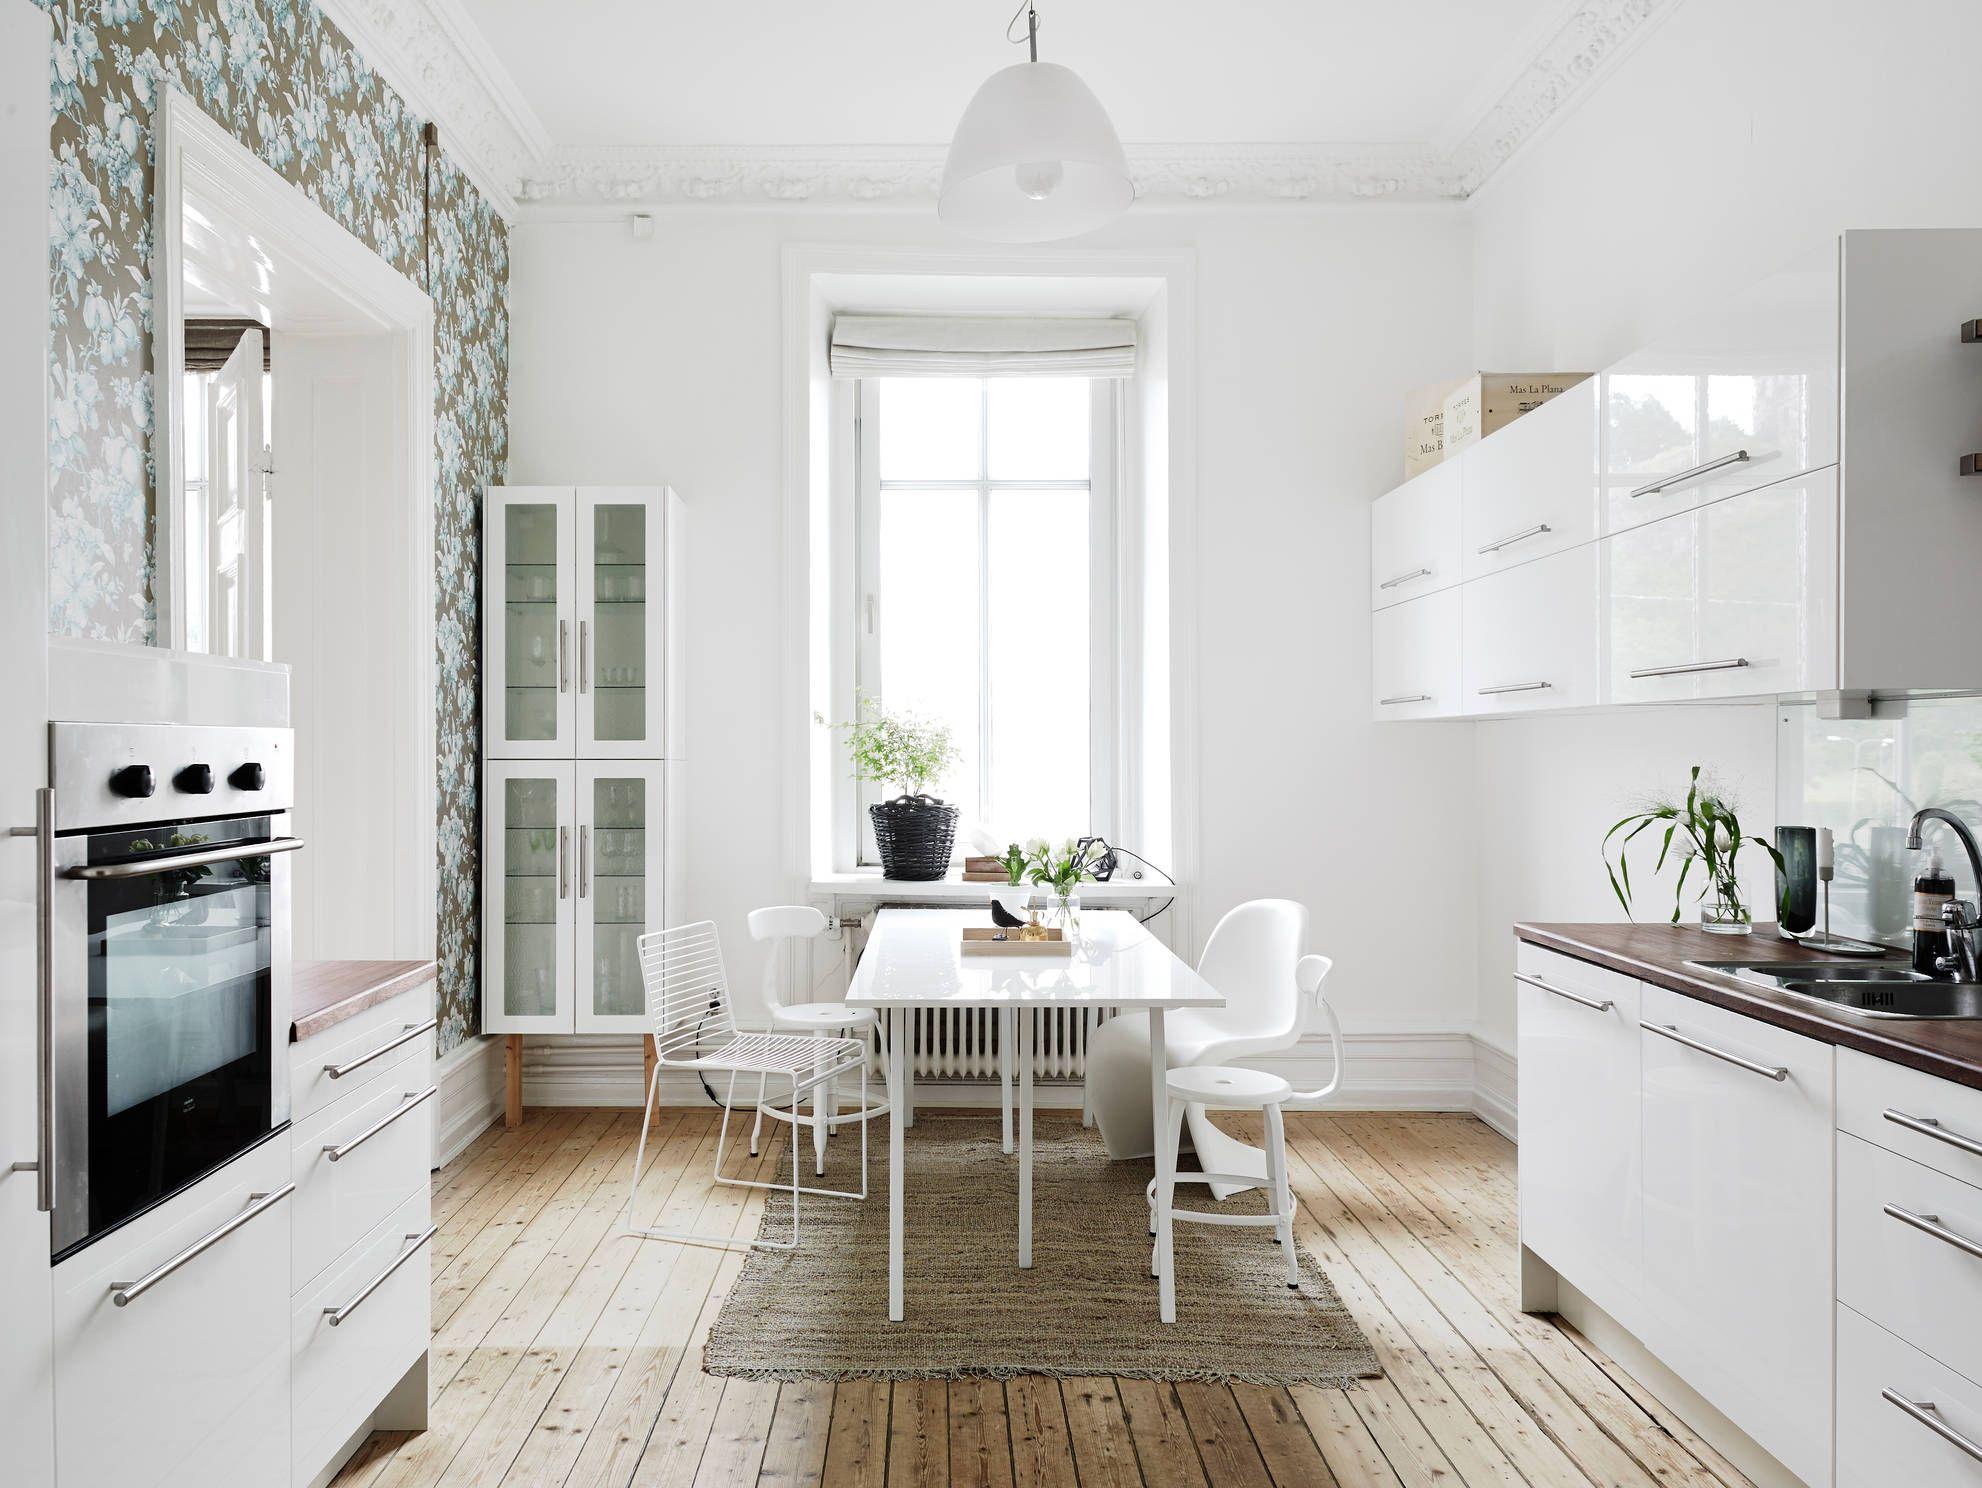 Однокомнатная квартира с полом в скандинавском стиле